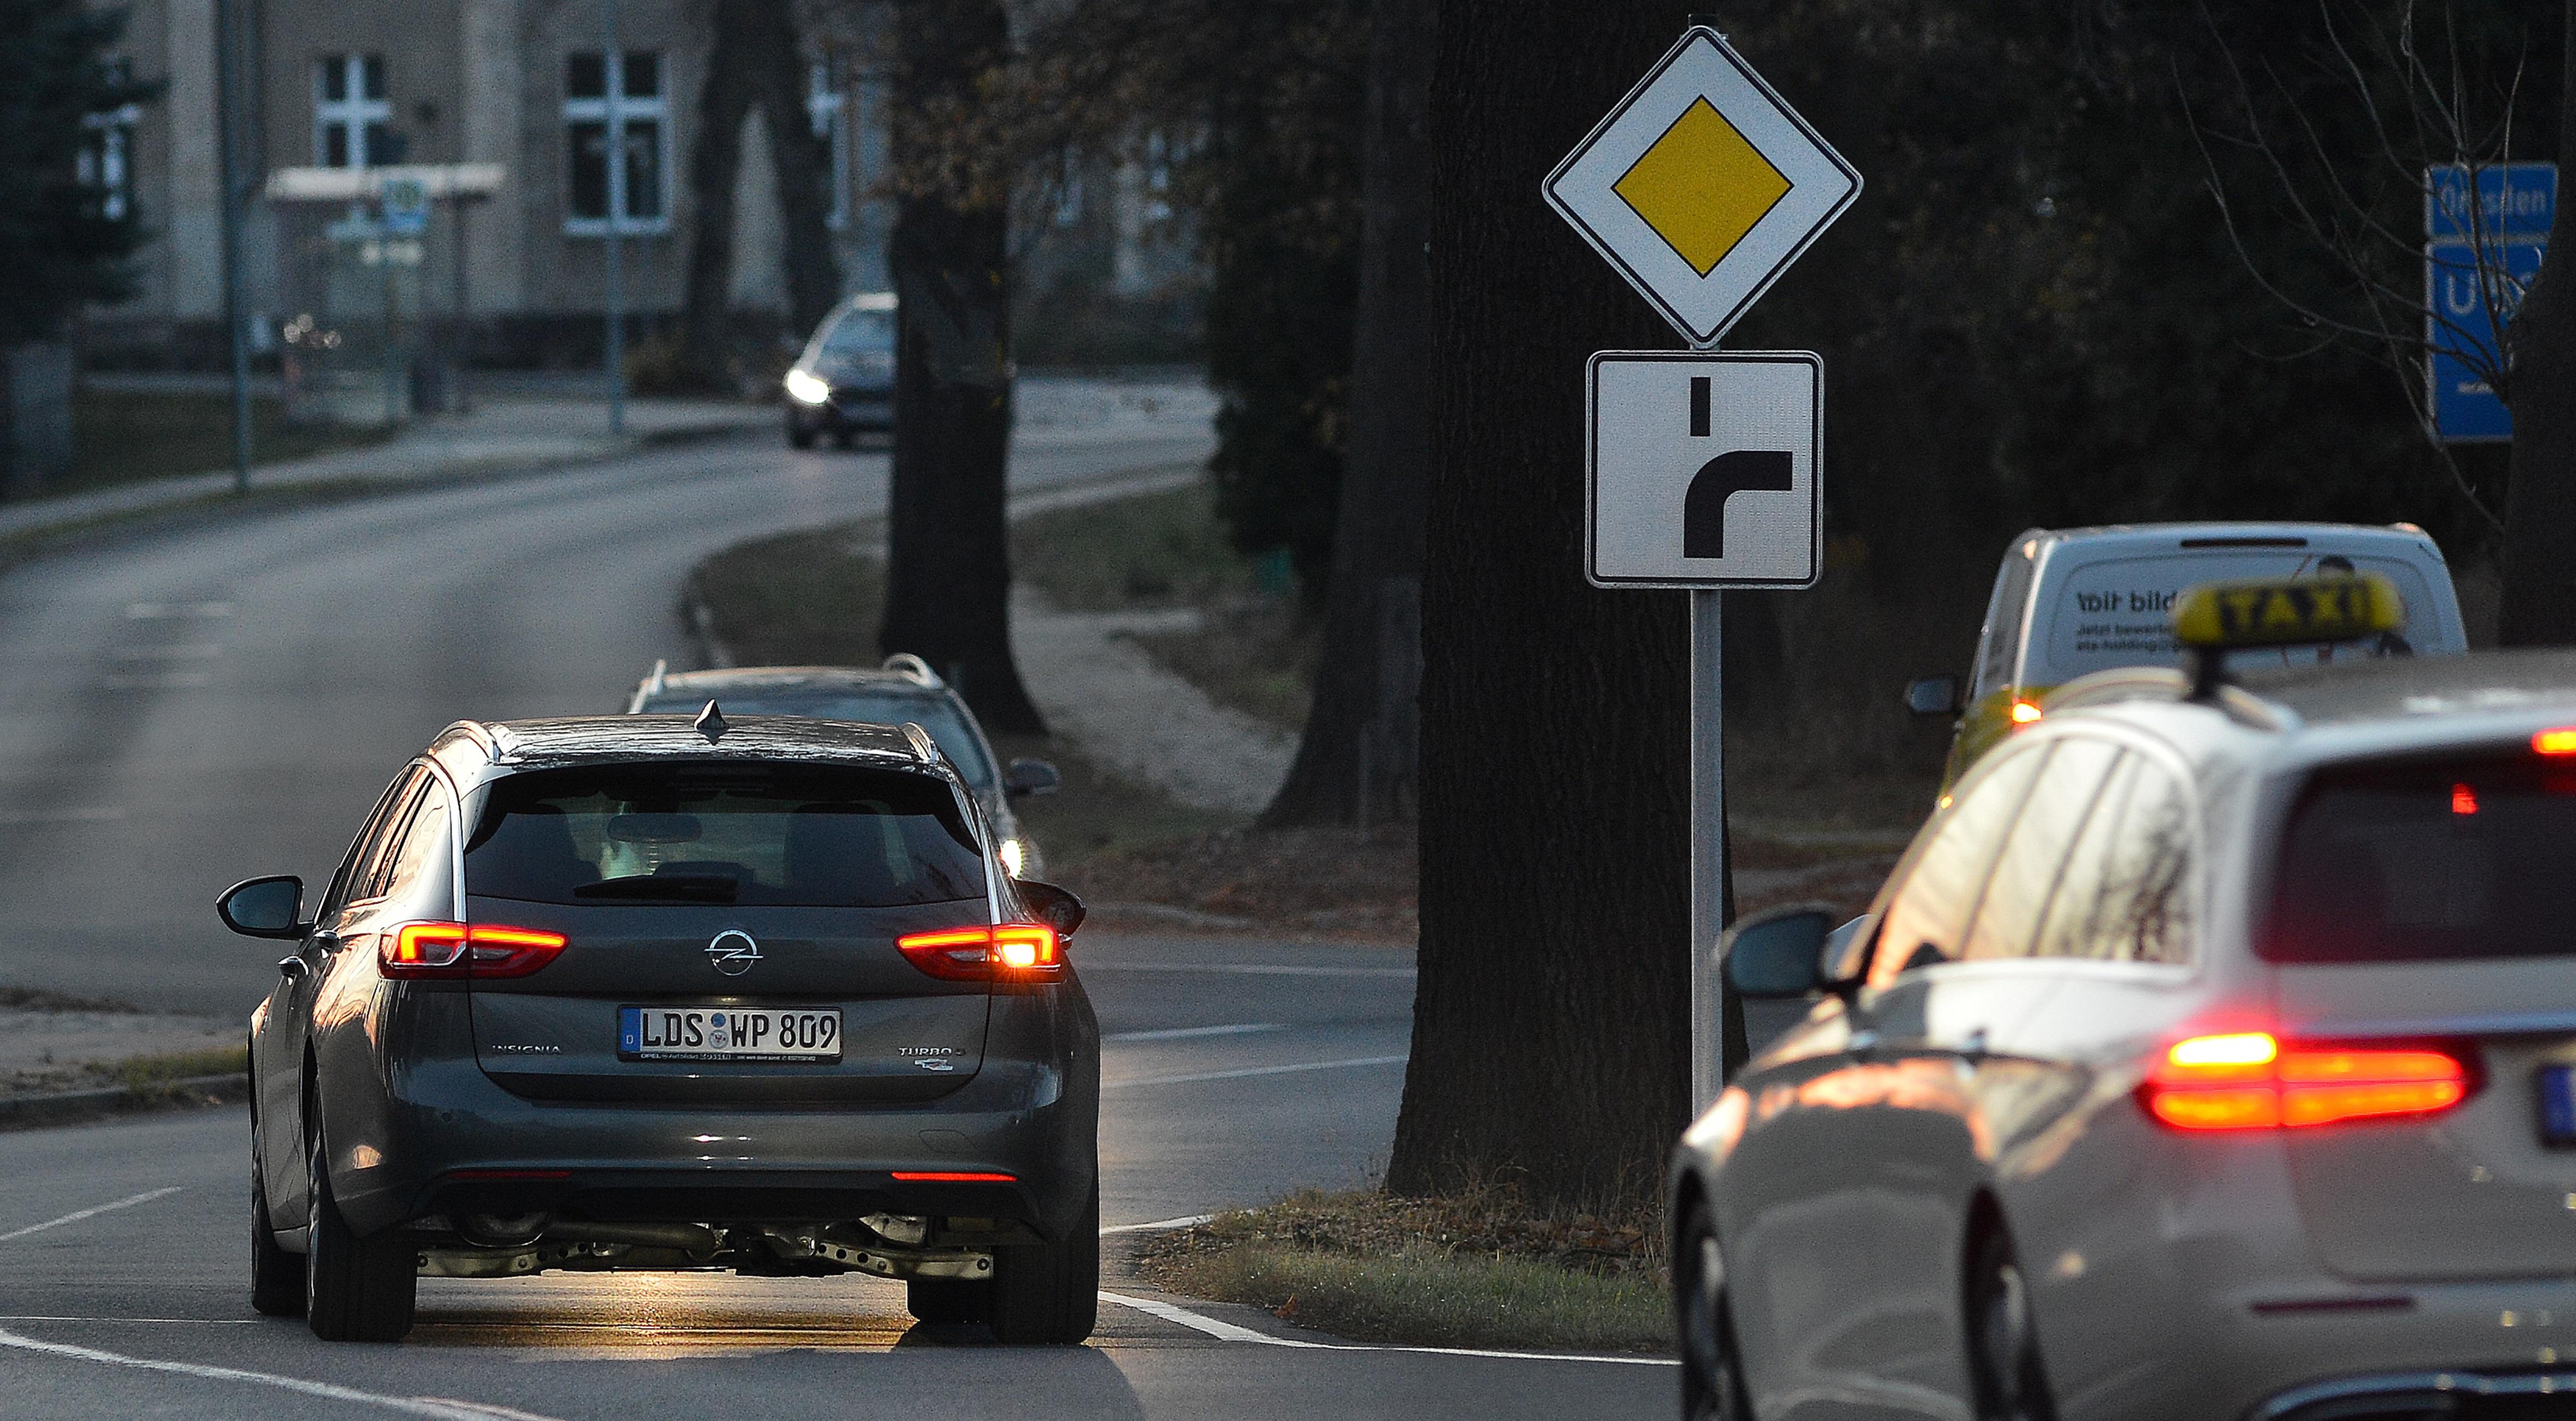 Besonders bei abknickenden Vorfahrtstraßen wissen viele Autofahrer nicht, wie man richtig blinkt. Foto: DEKRA